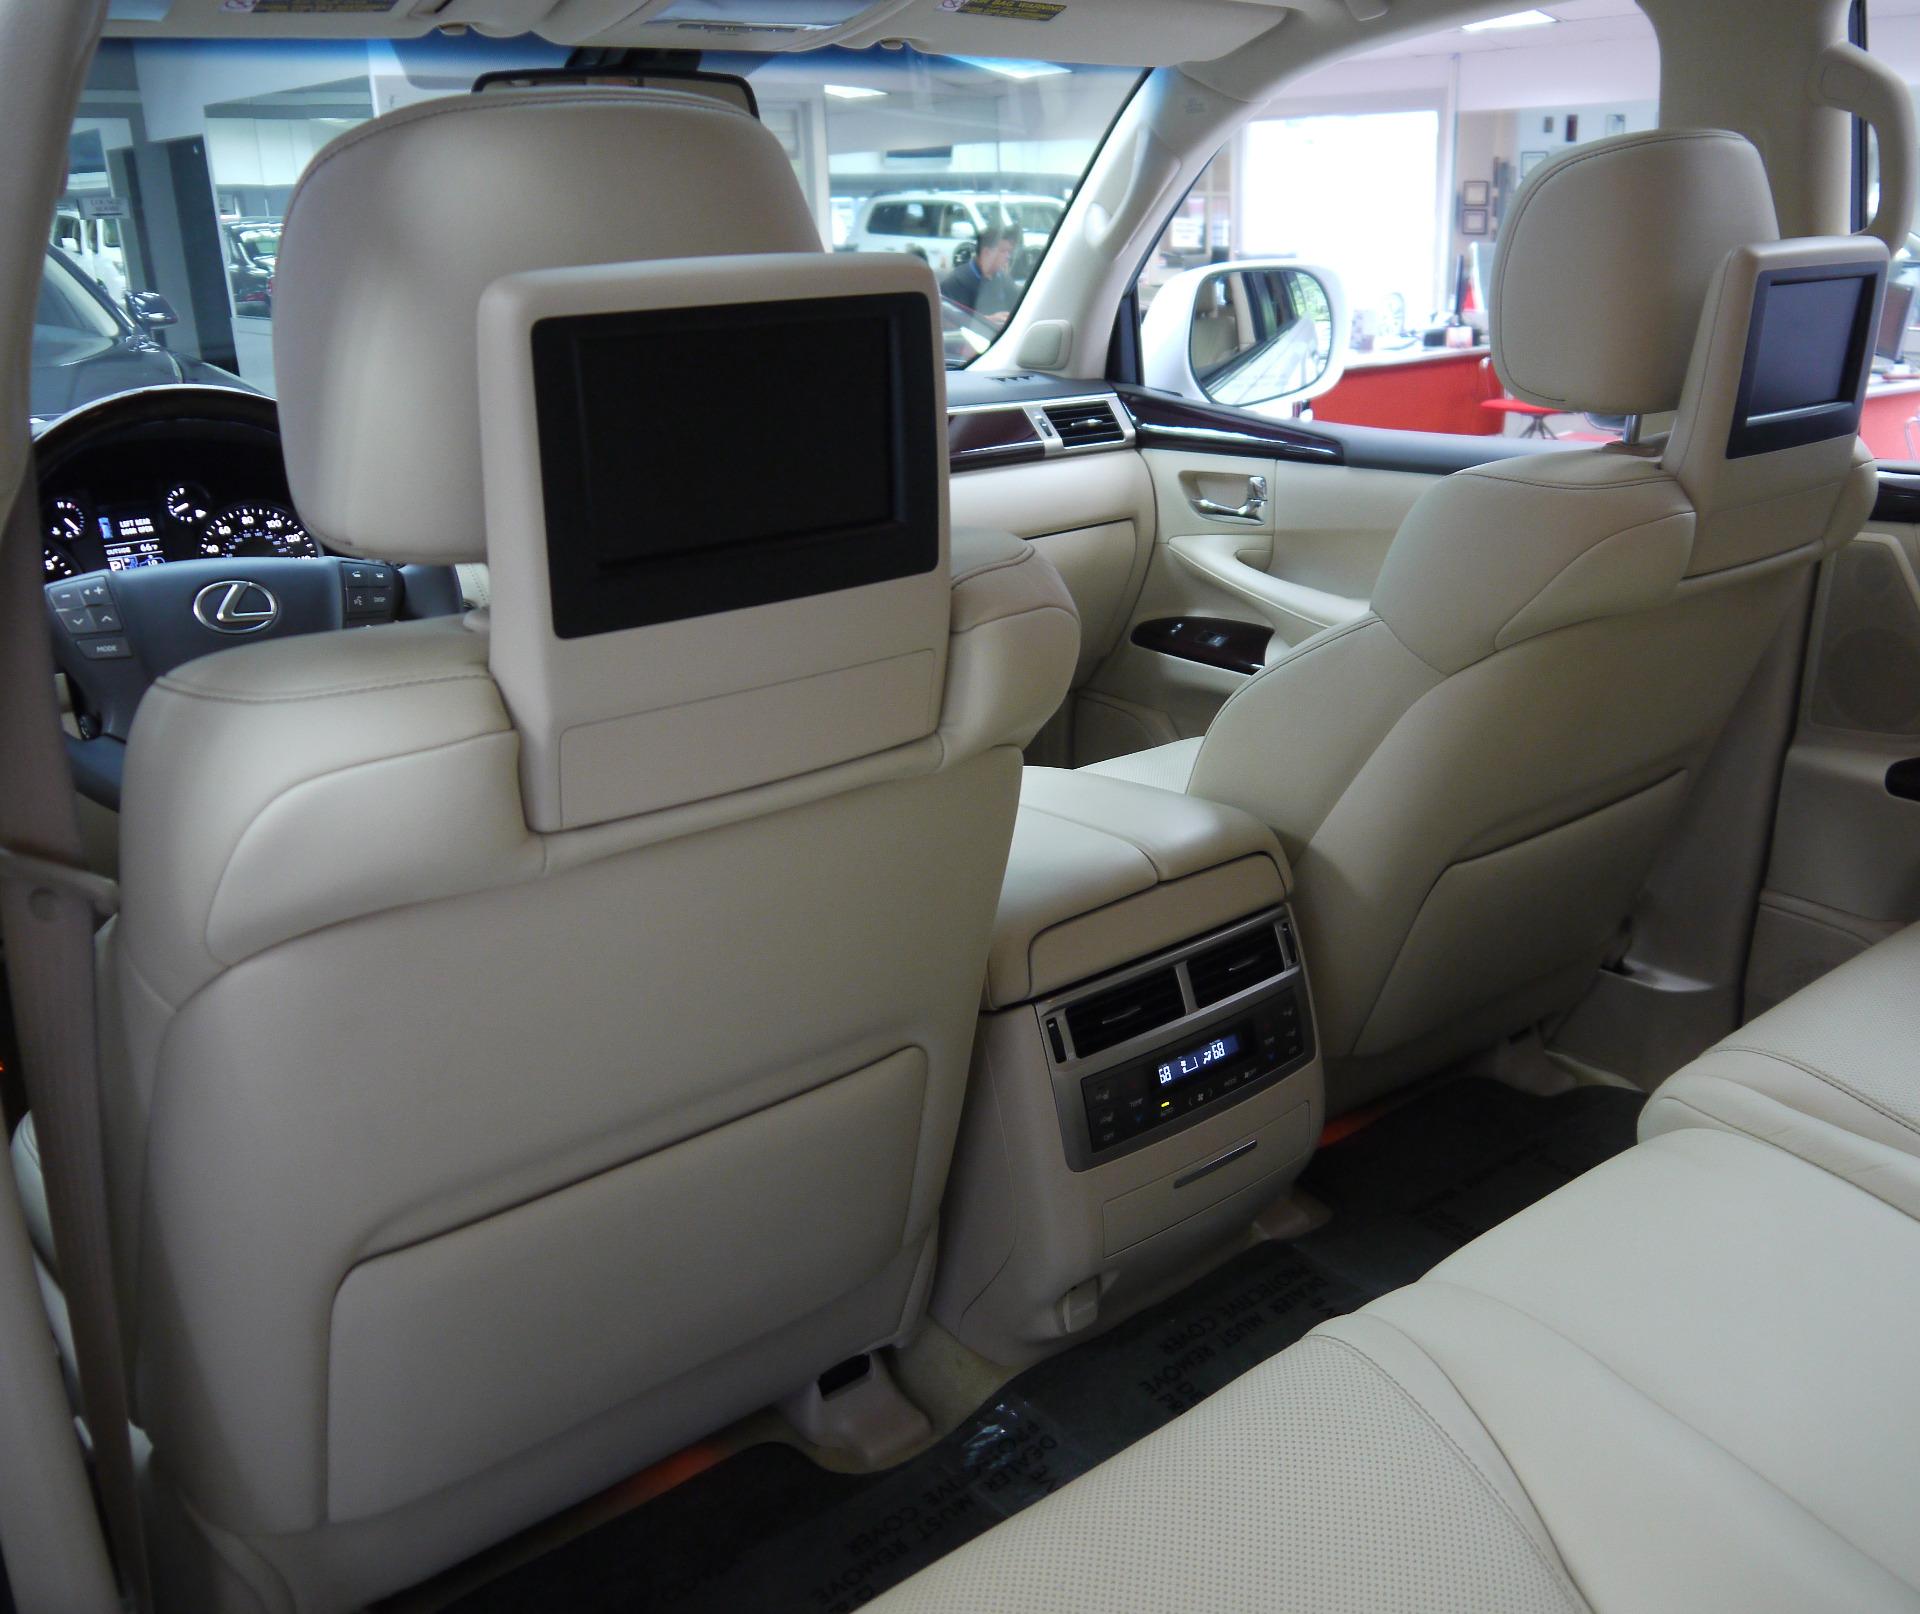 Used 2014 Lexus Lx 570: Used 2014 Lexus LX 570